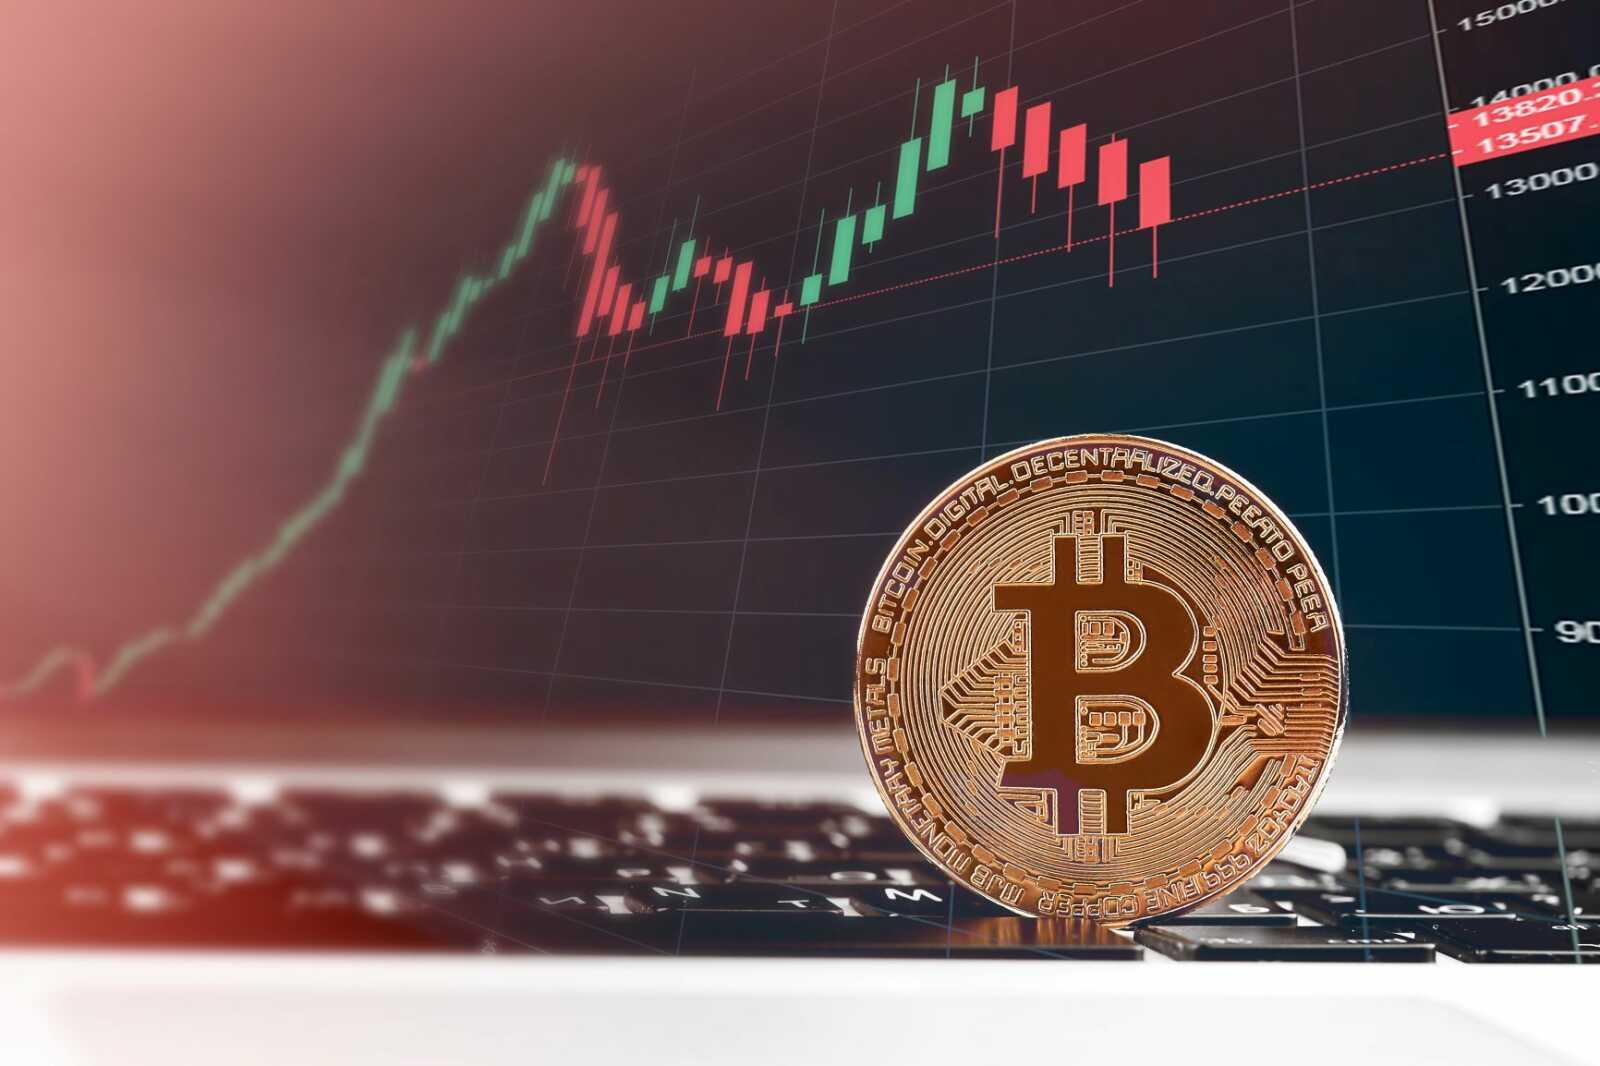 grayscale bir gunde 607 milyon dolar tutarinda bitcoin satin aldi 6021180629446